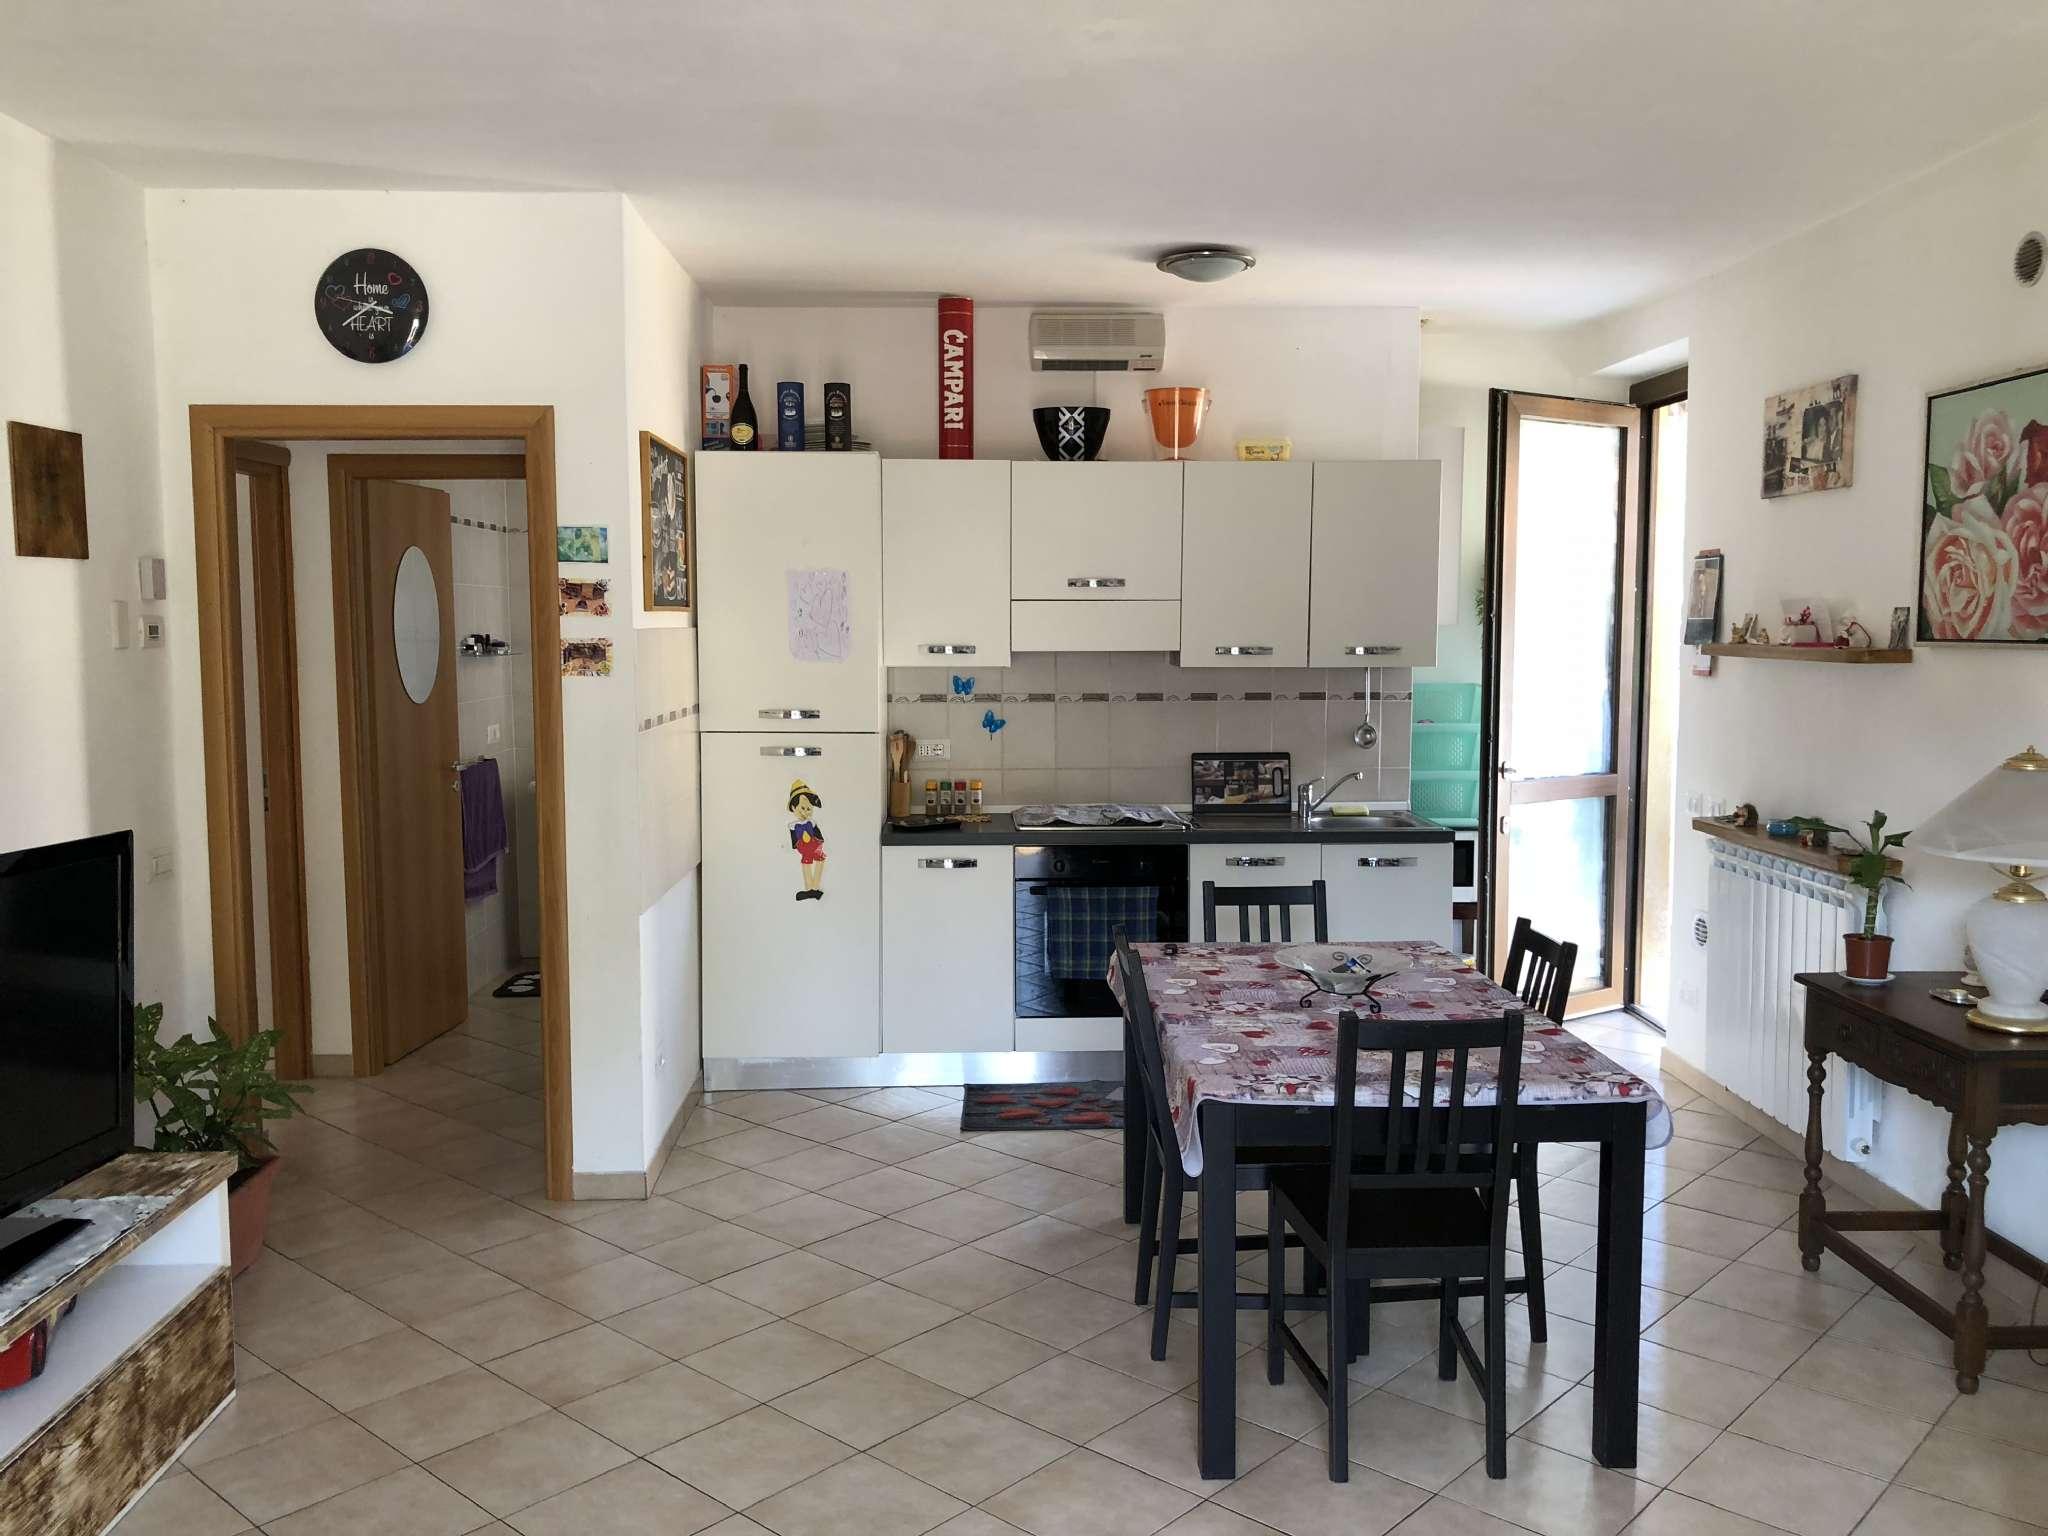 Appartamento in vendita a Leggiuno, 2 locali, prezzo € 75.000 | CambioCasa.it